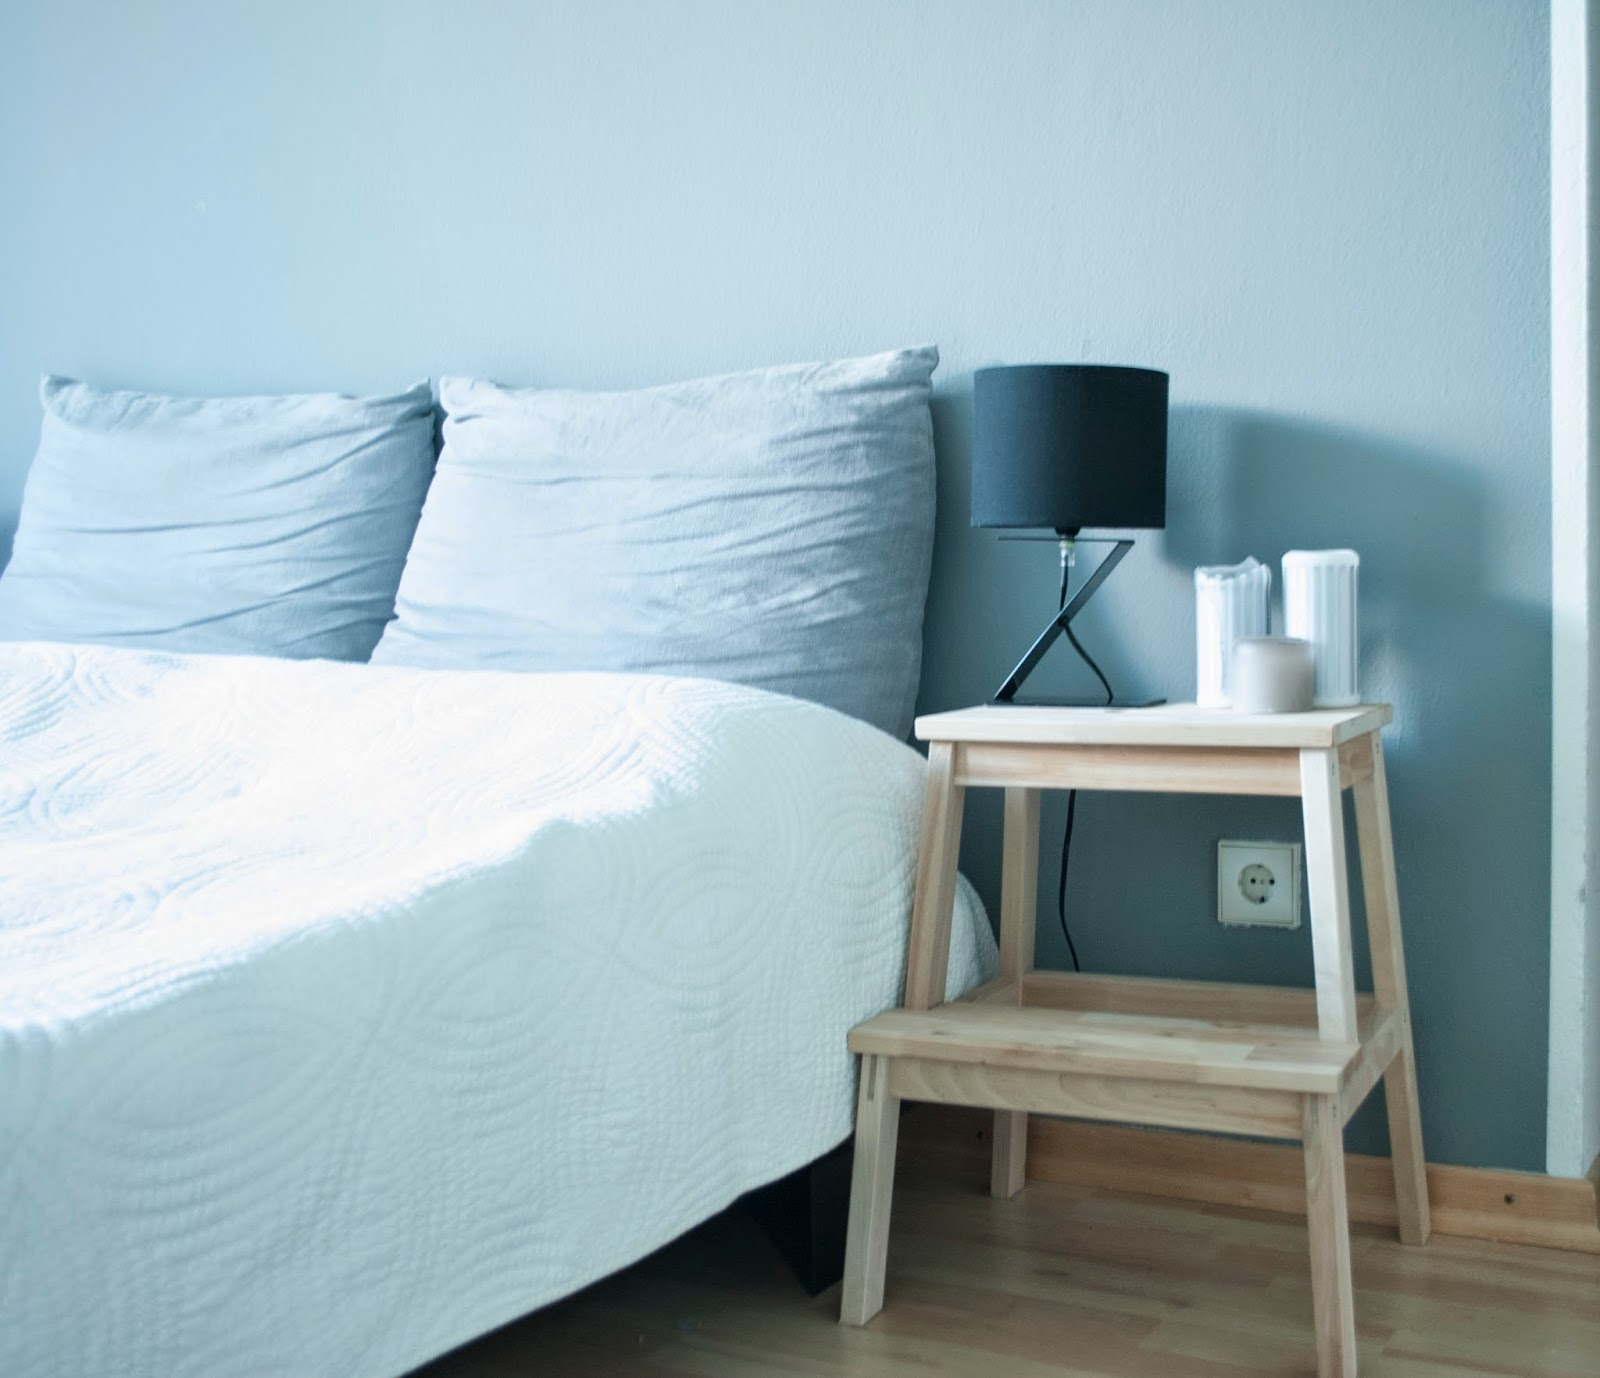 Bekväm als Nachttisch Interior Inspiration Einrichtung Dekoration Deko IKEA Ikea Möbelschwede Schlafzimmer Mehr als nur ein Leben Kerzen graue Wand Hupsis Serendipity